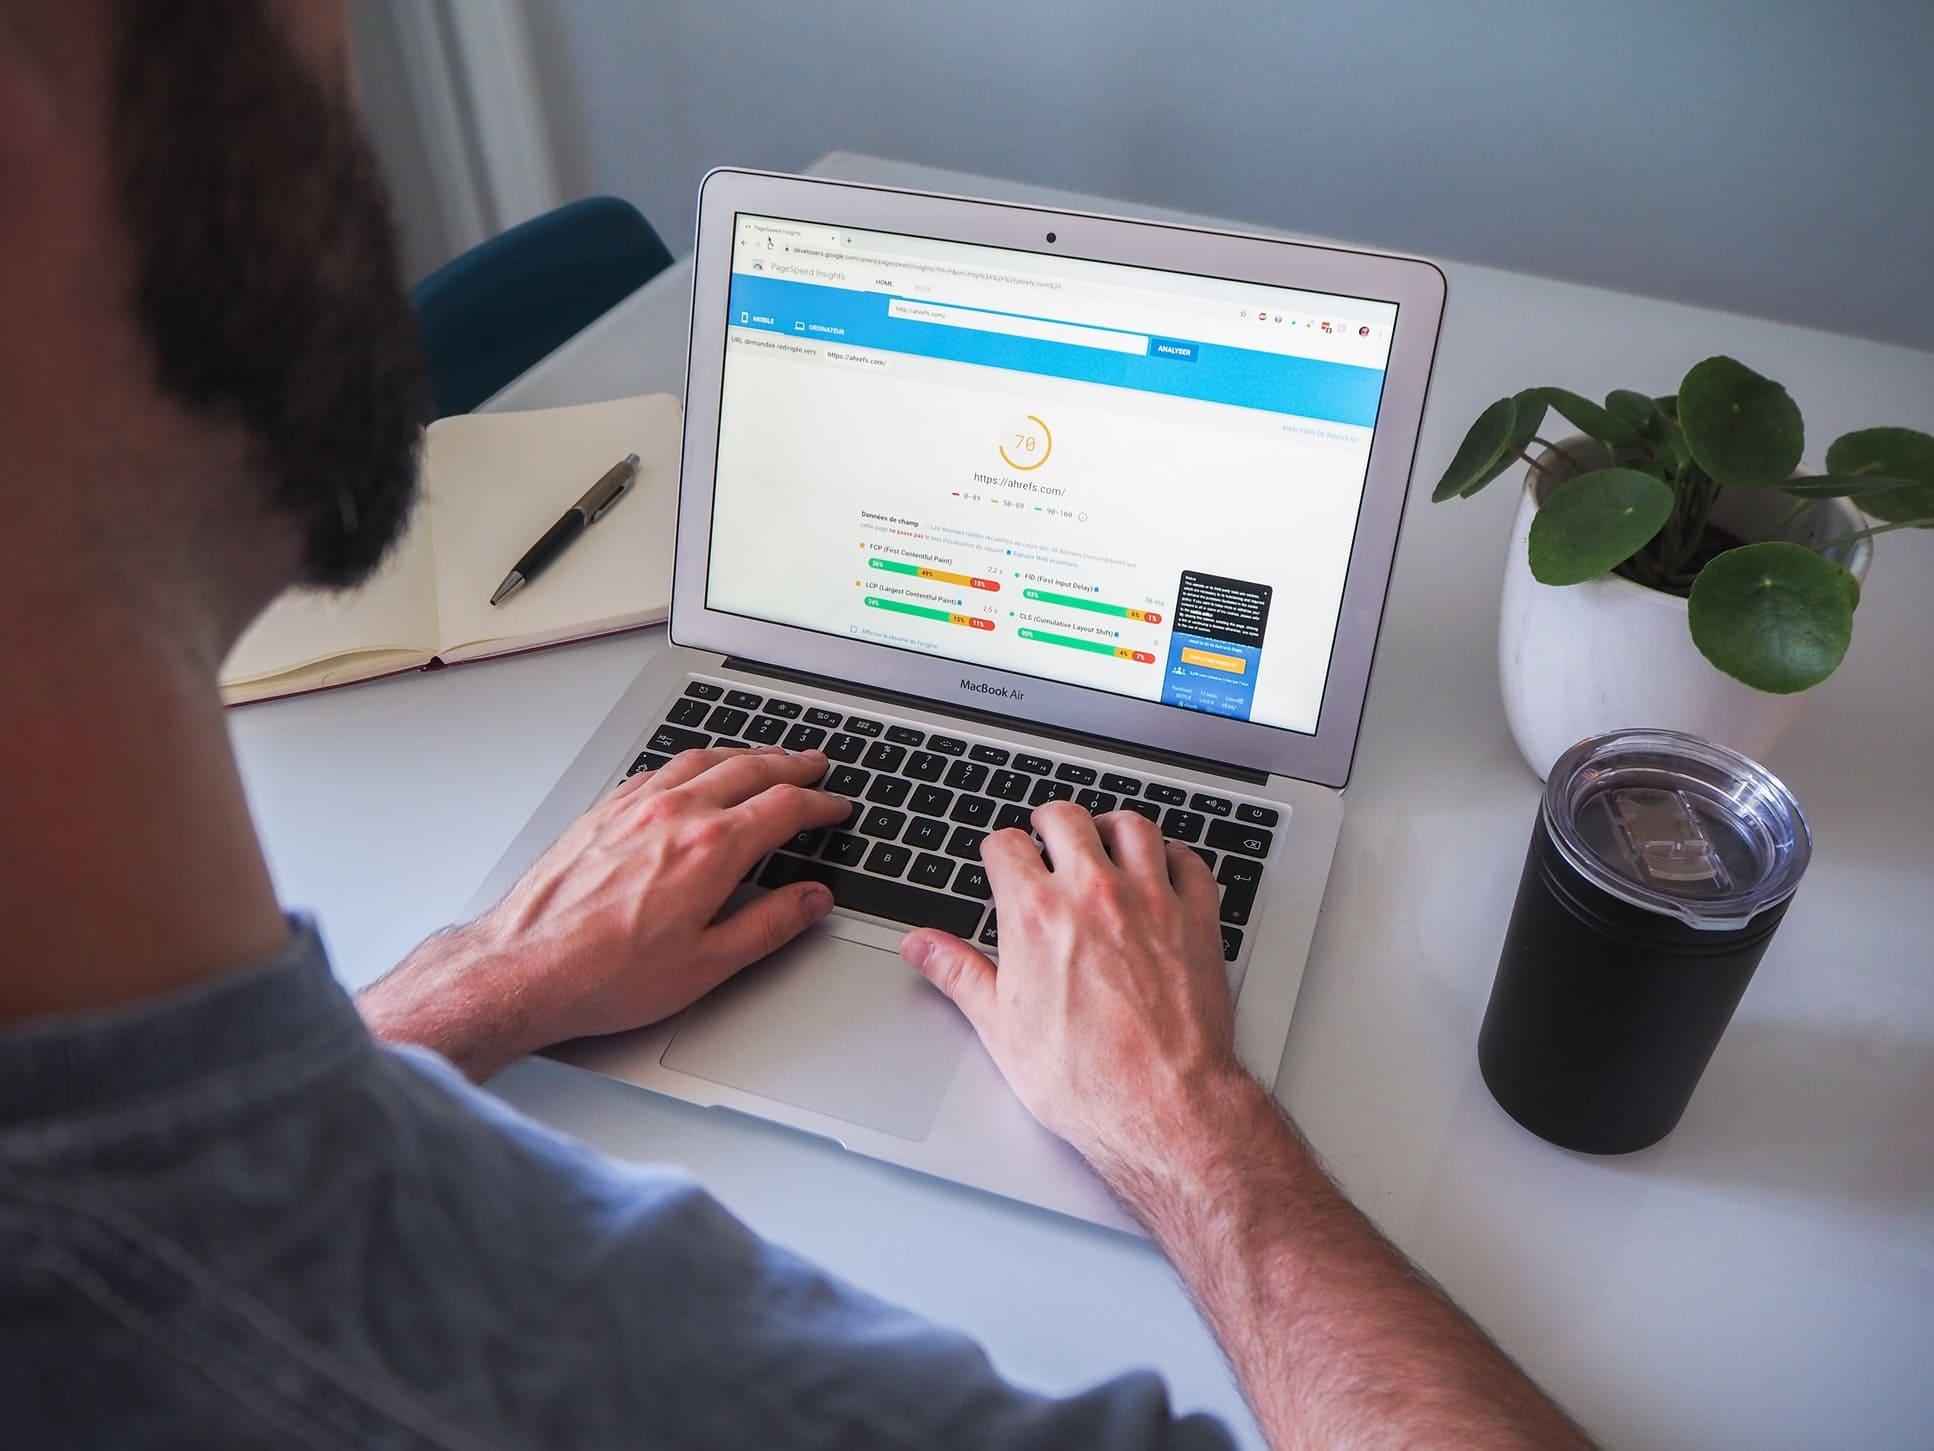 Imagem de uma pessoa usando a ferramenta Ahrefs em um computador